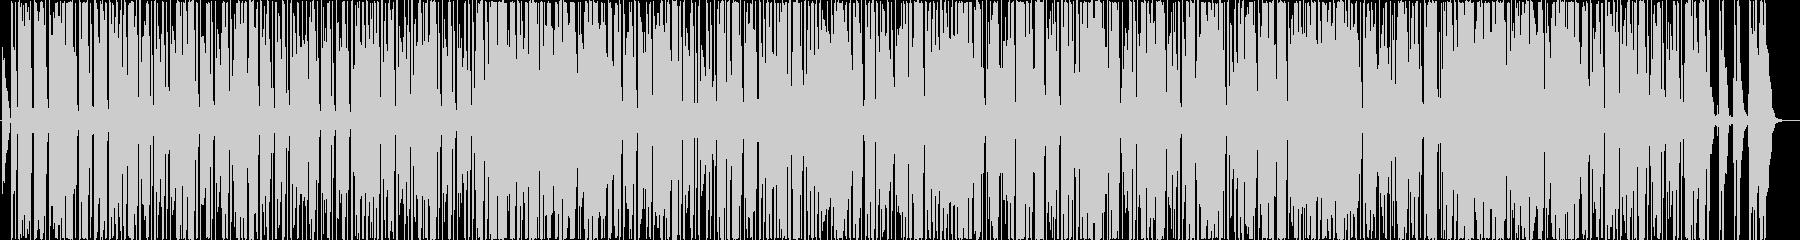 キャッチーなメロディが特徴なサウンドの未再生の波形